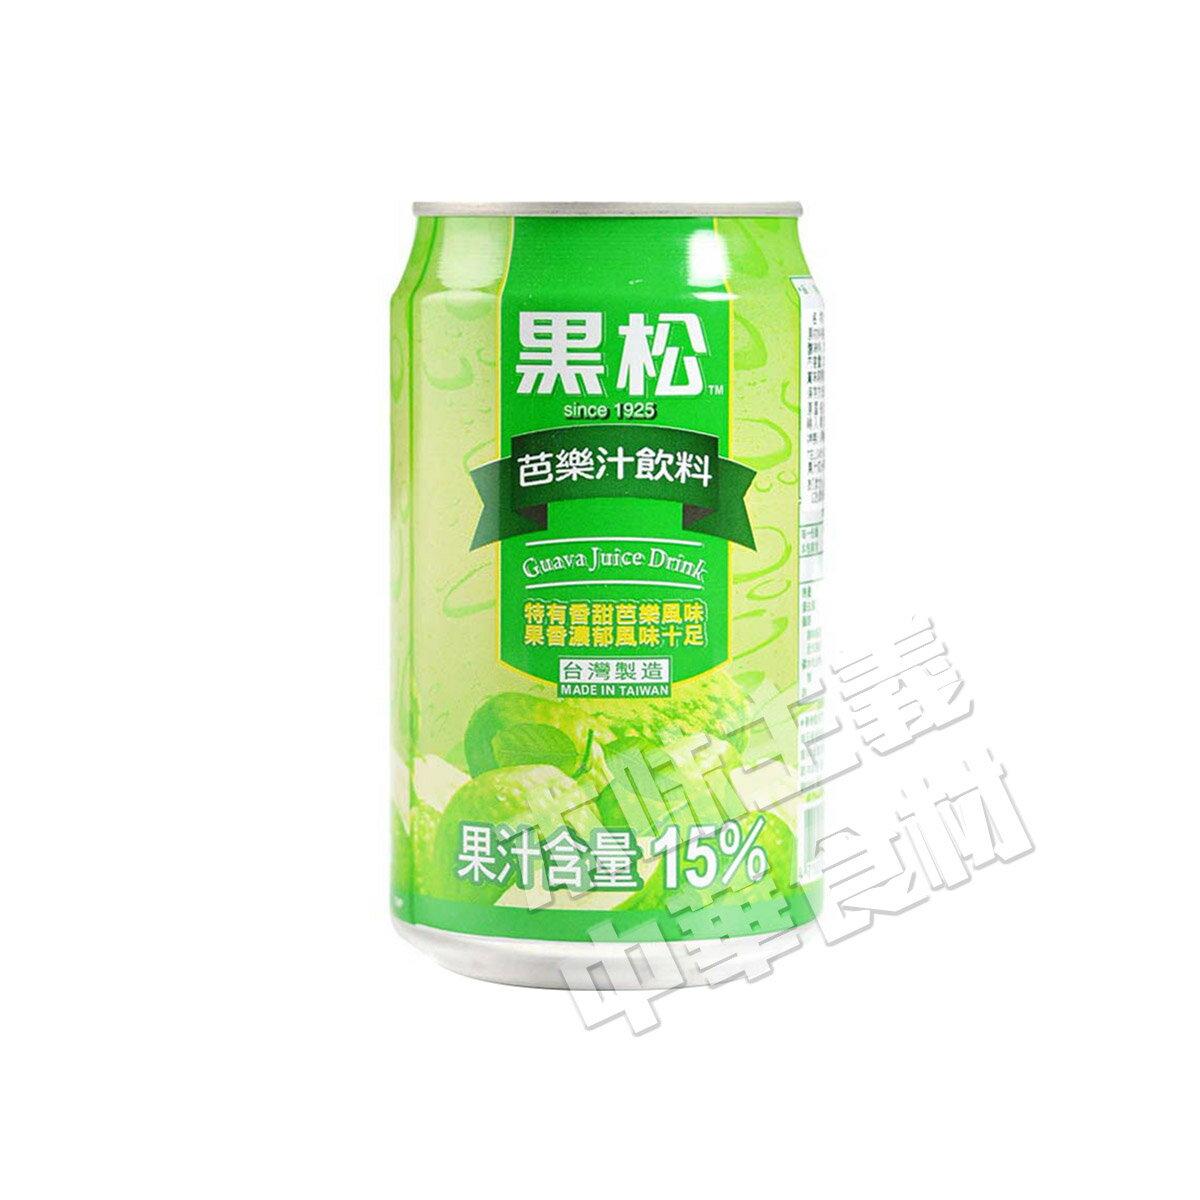 台湾黒松芭楽汁(グァバジュース) 台湾人気商品・夏定番・お土産